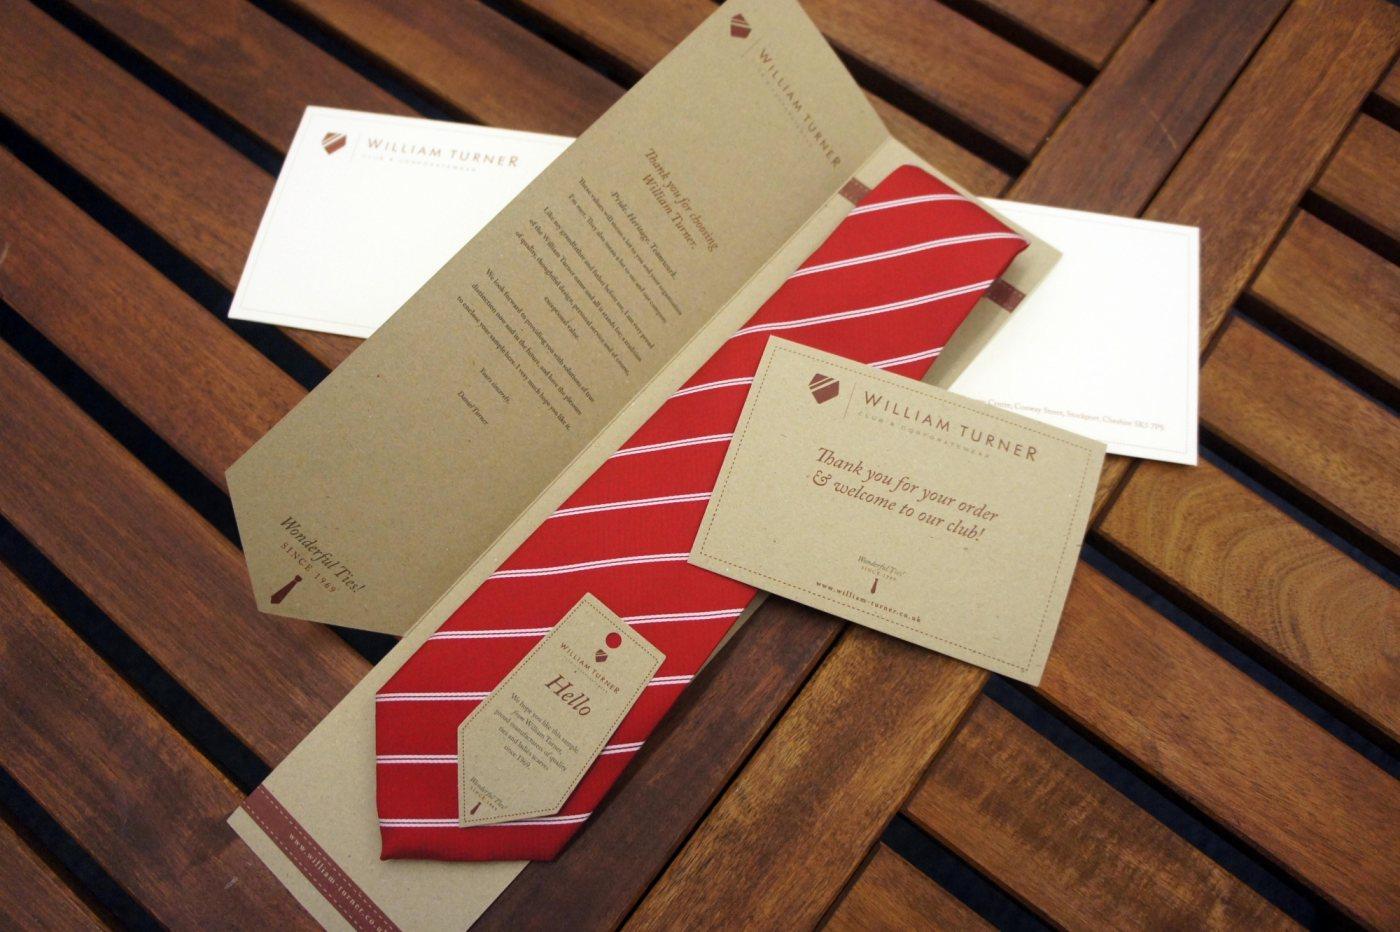 Great tie packaging designs